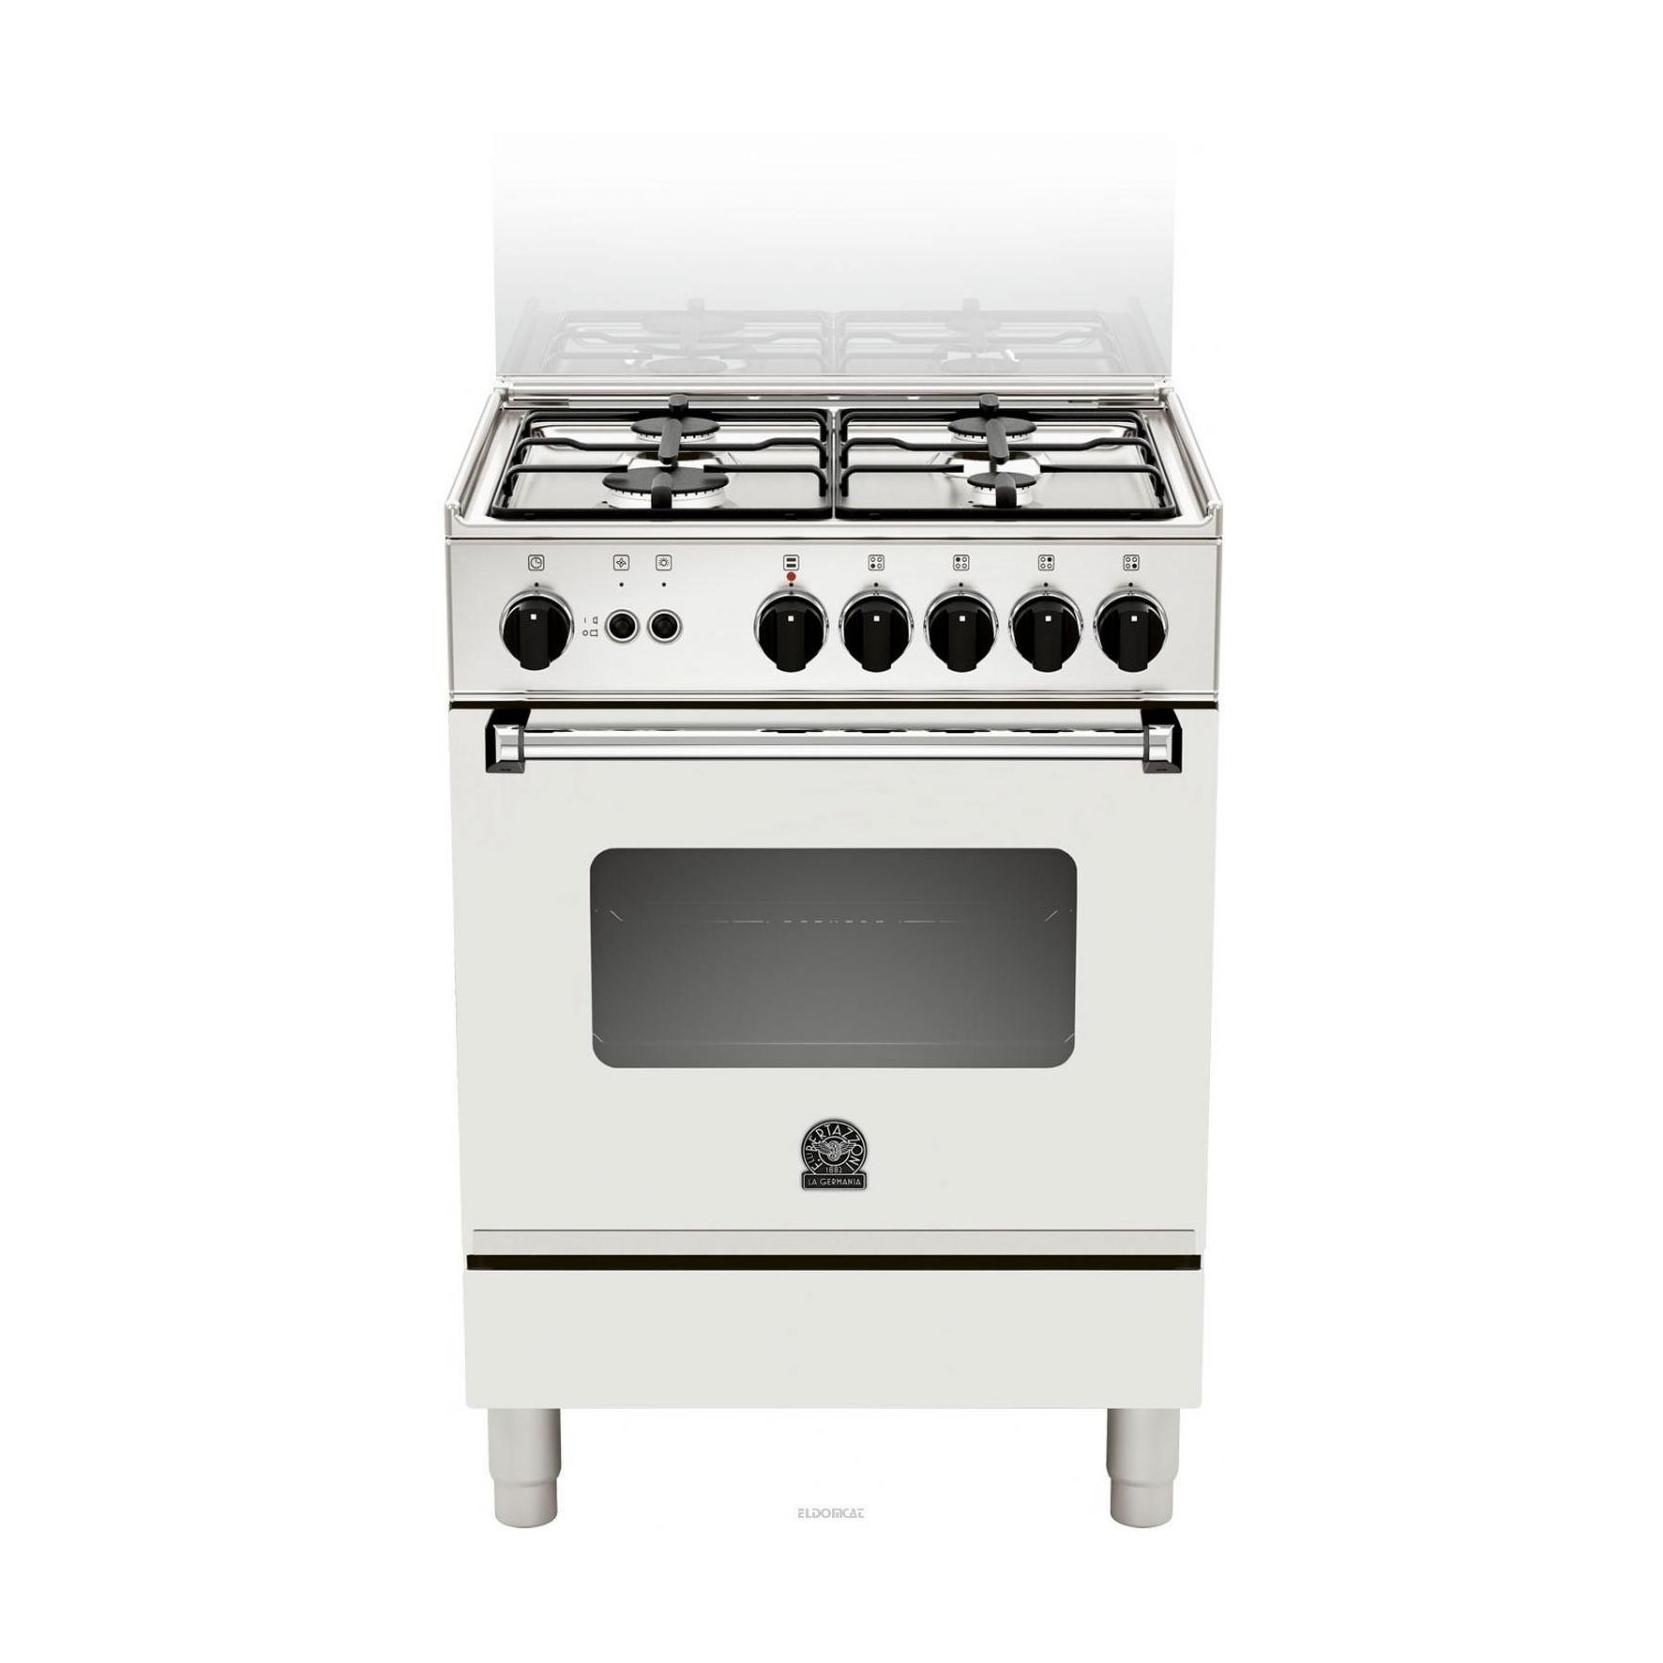 La germania am14051dwt cucina 4 fuochi a gas 60x50 forno - Cucine ariston forno elettrico ...